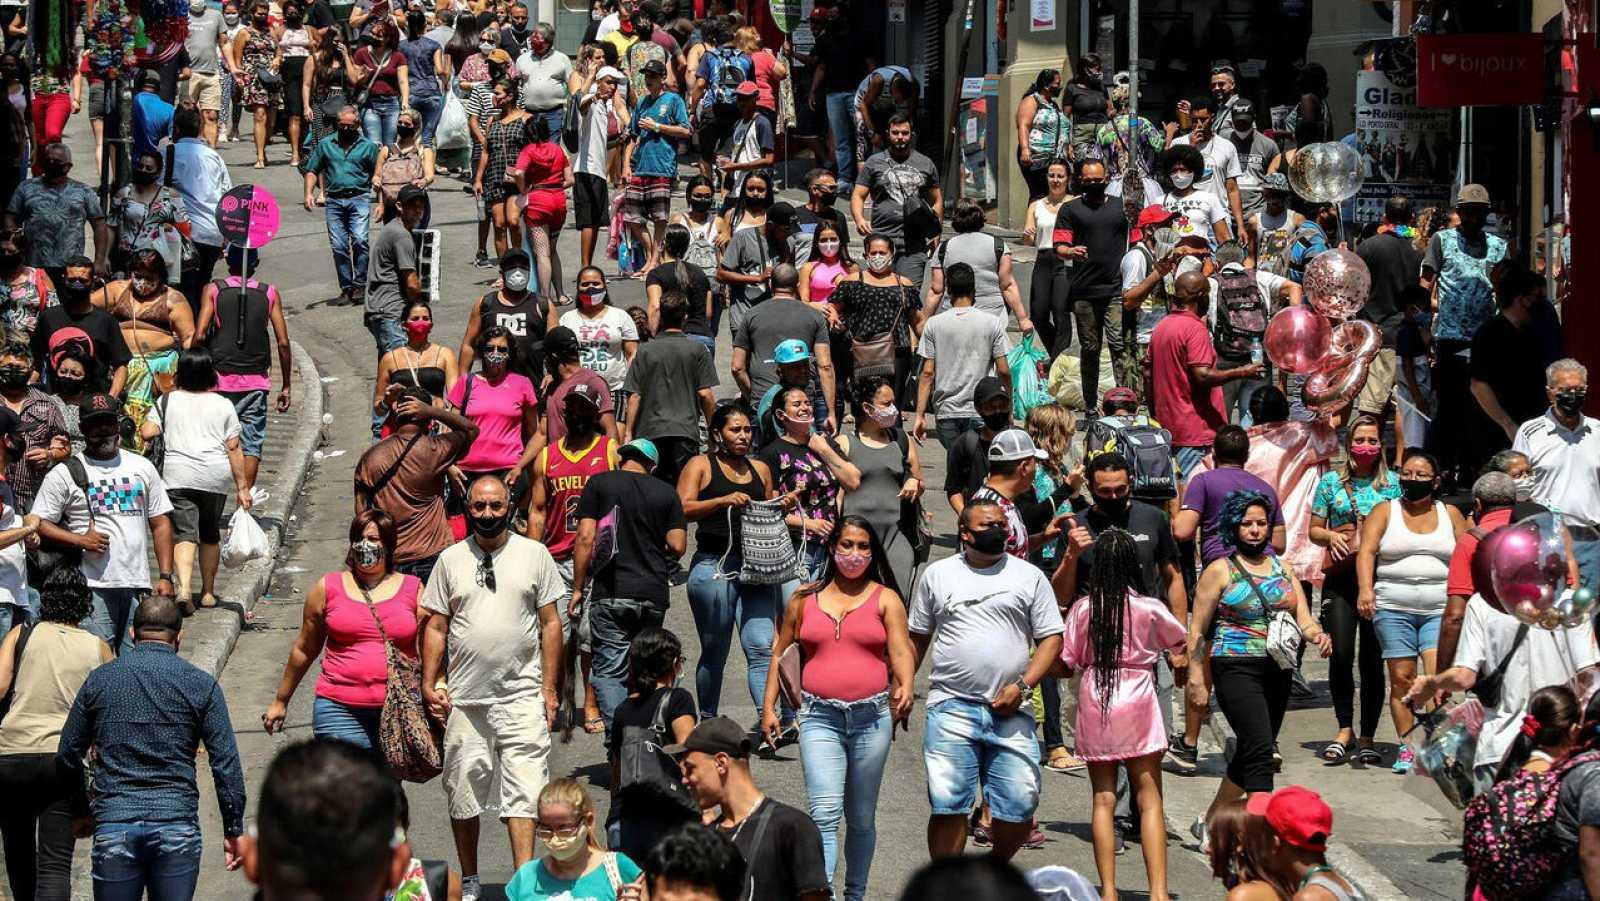 Decenas de personas caminan por una vía comercial, en el centro de Sao Paulo (Brasil).